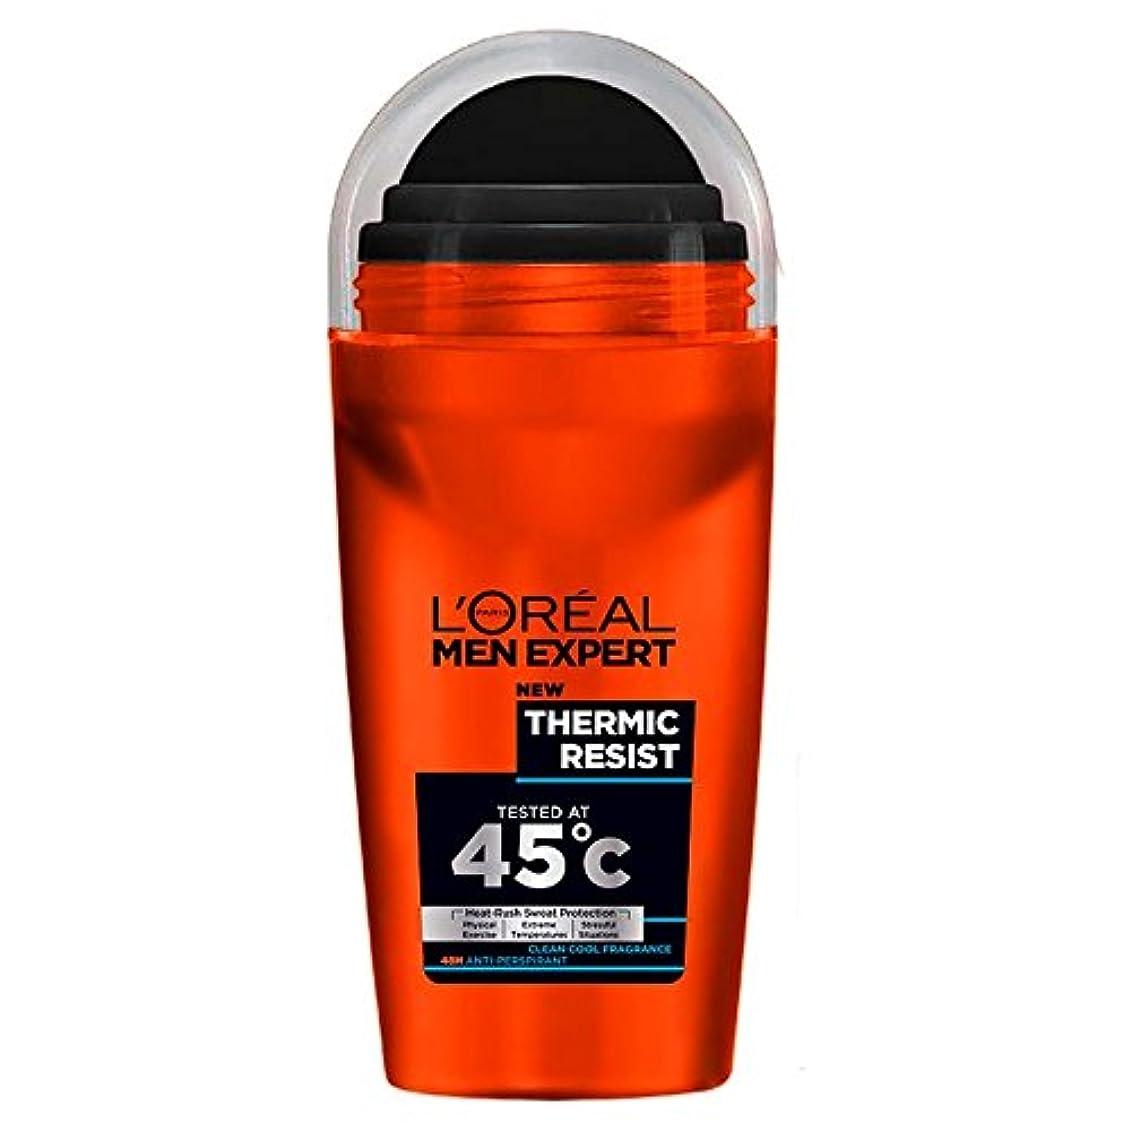 マウント州スキニーL'Oreal Paris Men Expert Deodorant Roll-On - Thermic Resist (50ml) L'オラ?アルパリのメンズ専門デオドラントロールオン - サーミックにレジスト( 50...